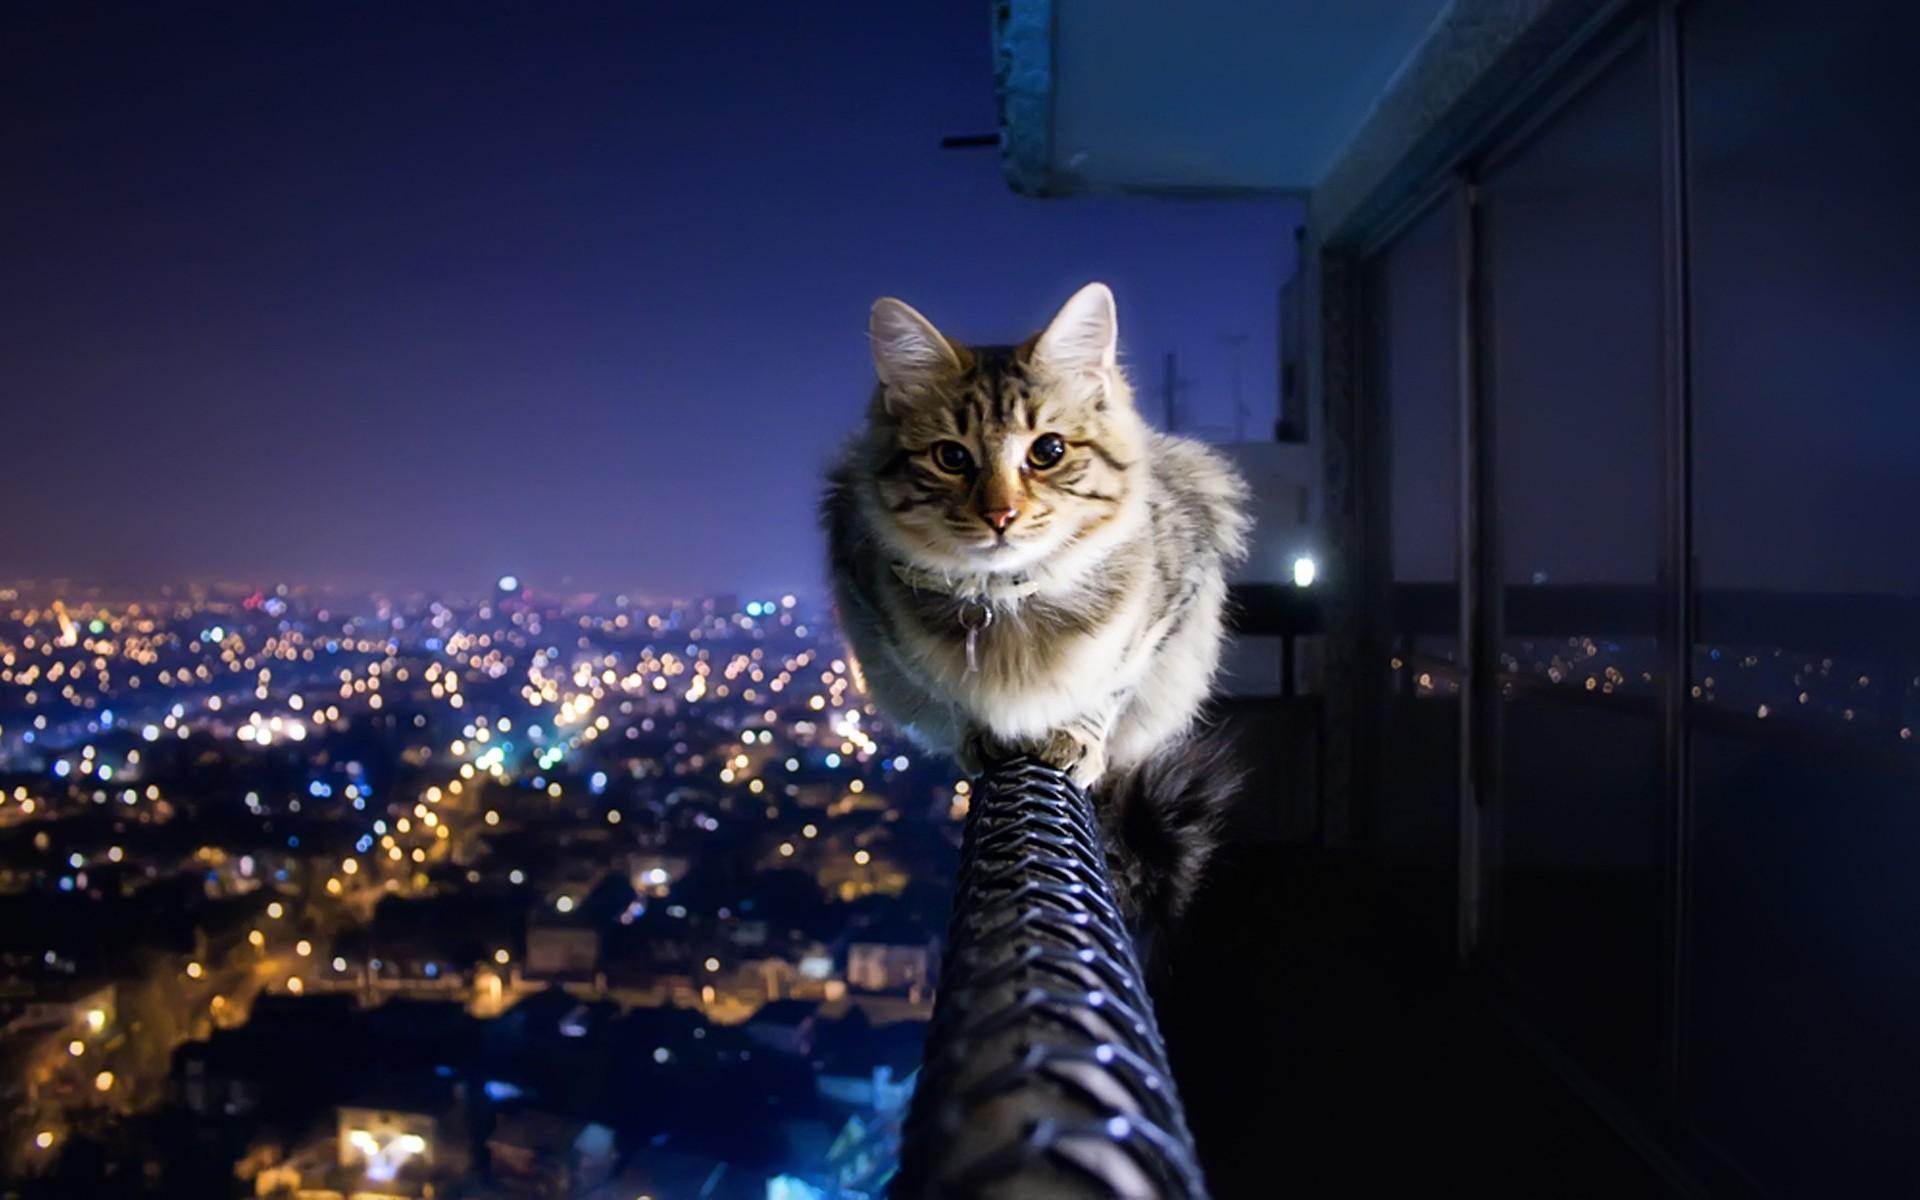 Top Wallpaper Macbook Cat - 353031-best-cat-background-1920x1200-1080p  HD_895677.jpg